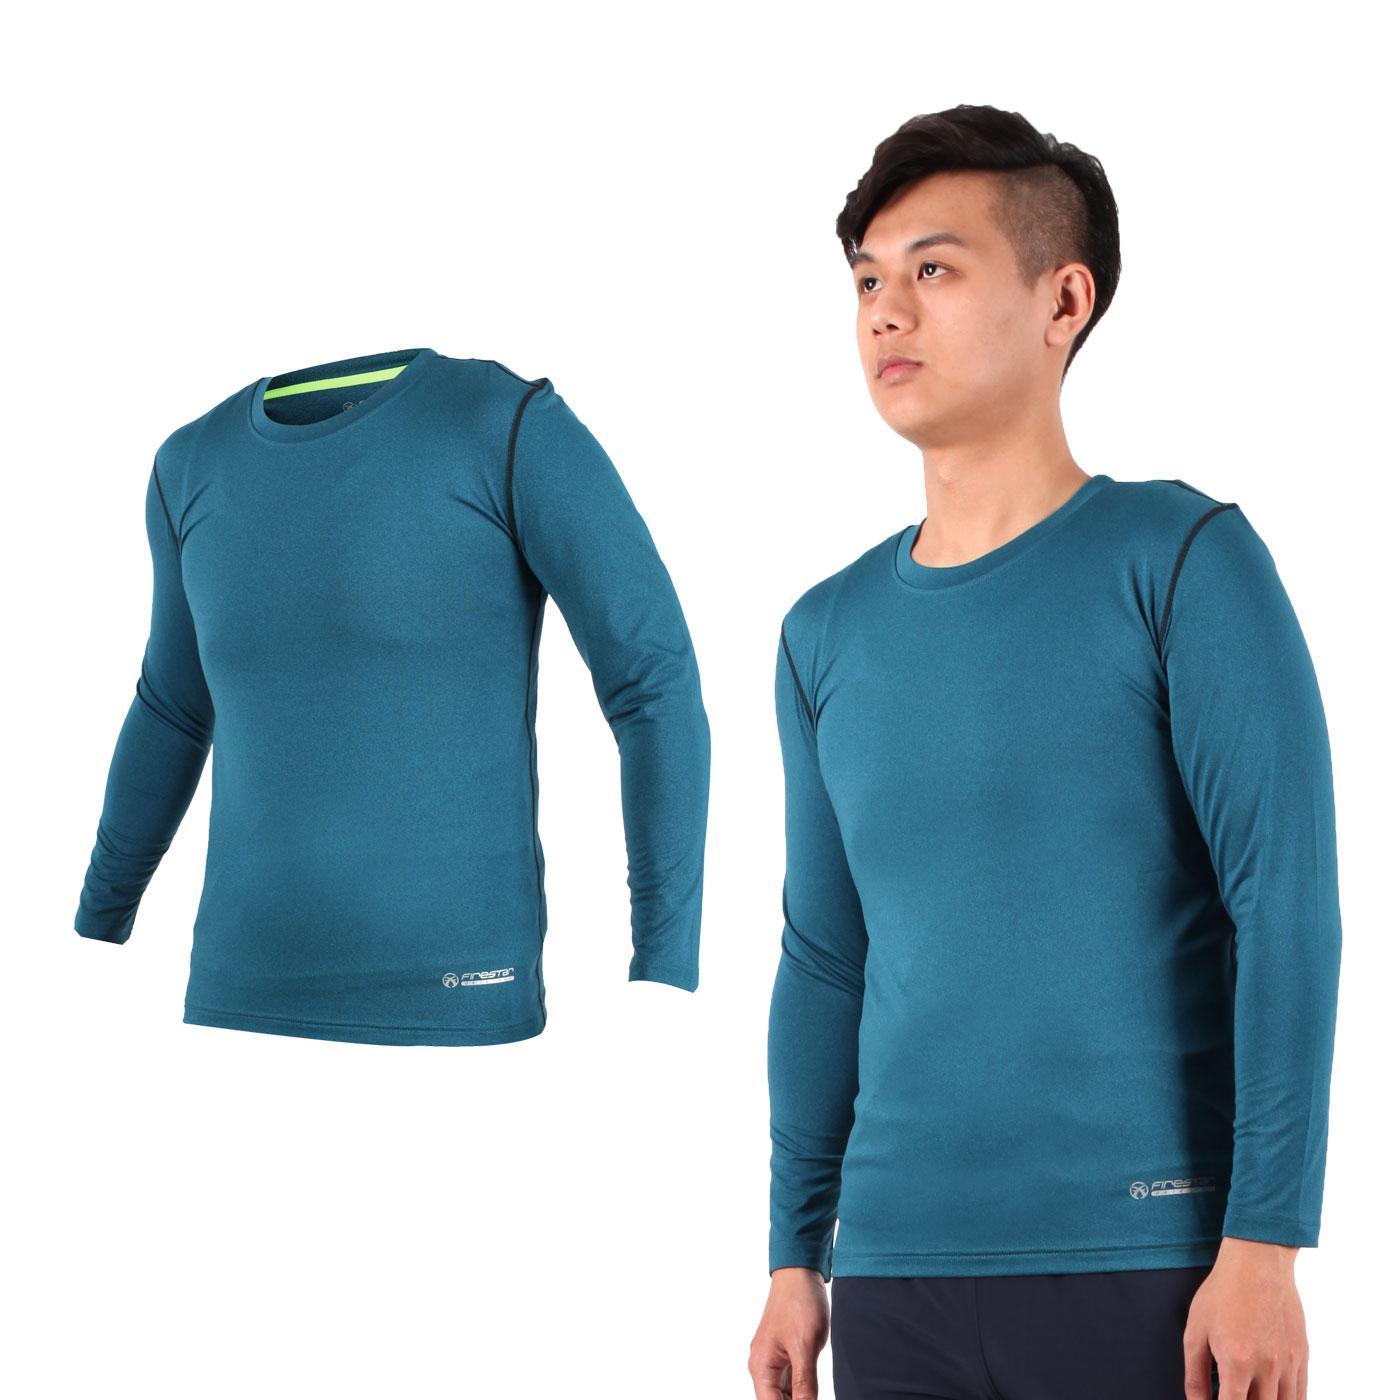 FIRESTAR 男款機能緊身長袖上衣 N7908-17 - 藍灰